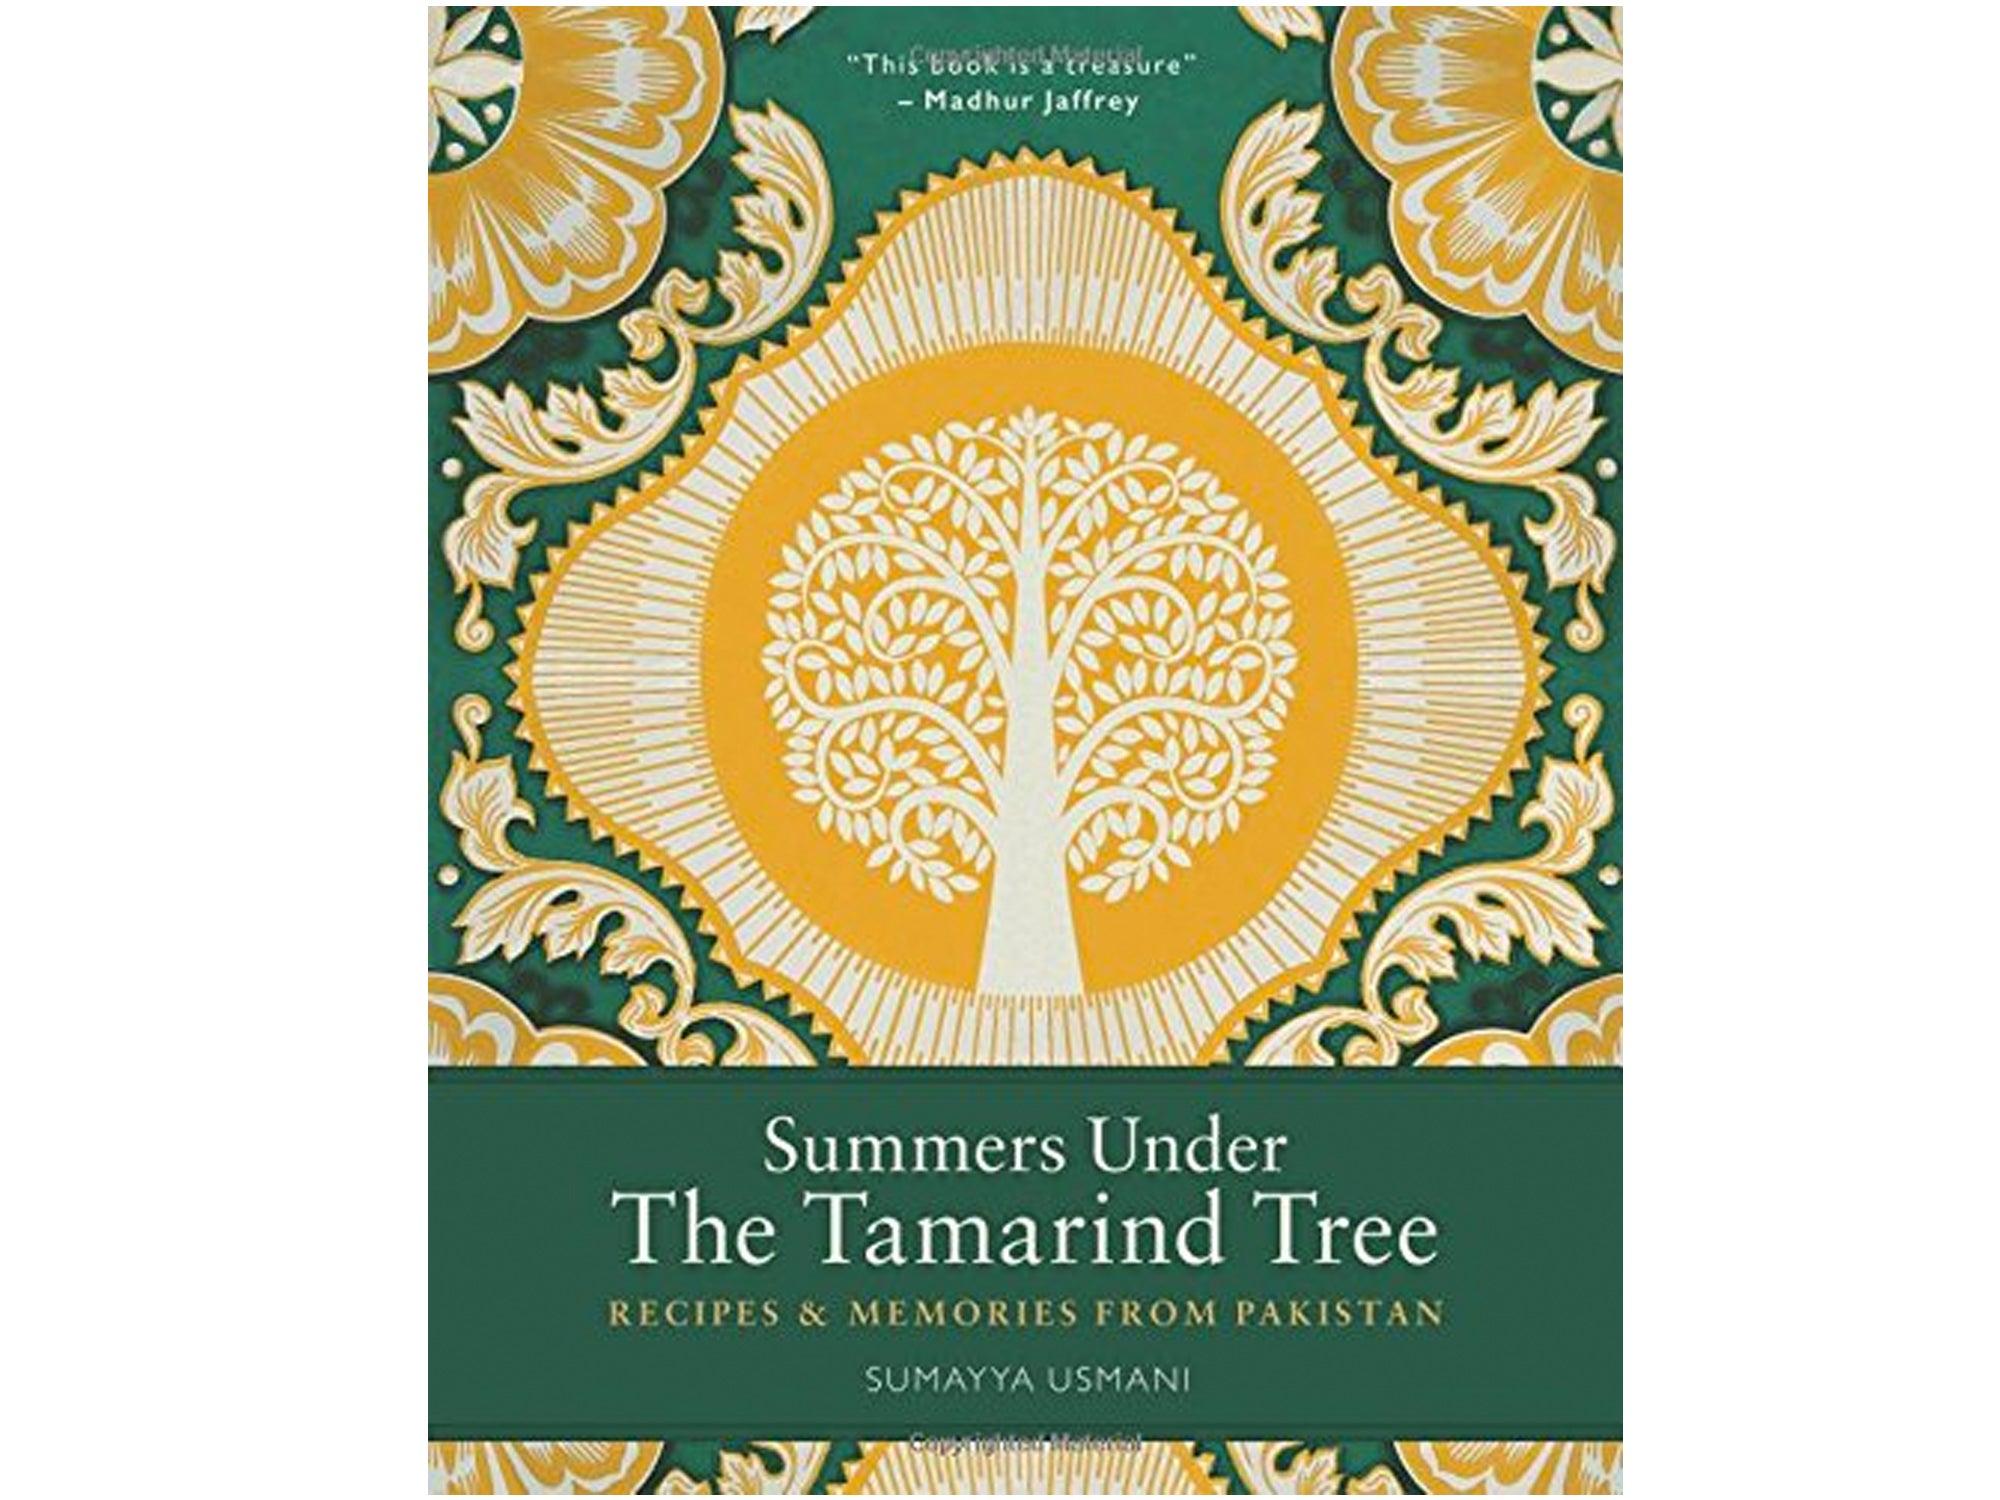 Summers Under the Tamarind Tree, cookbooks, pakastani cookbooks